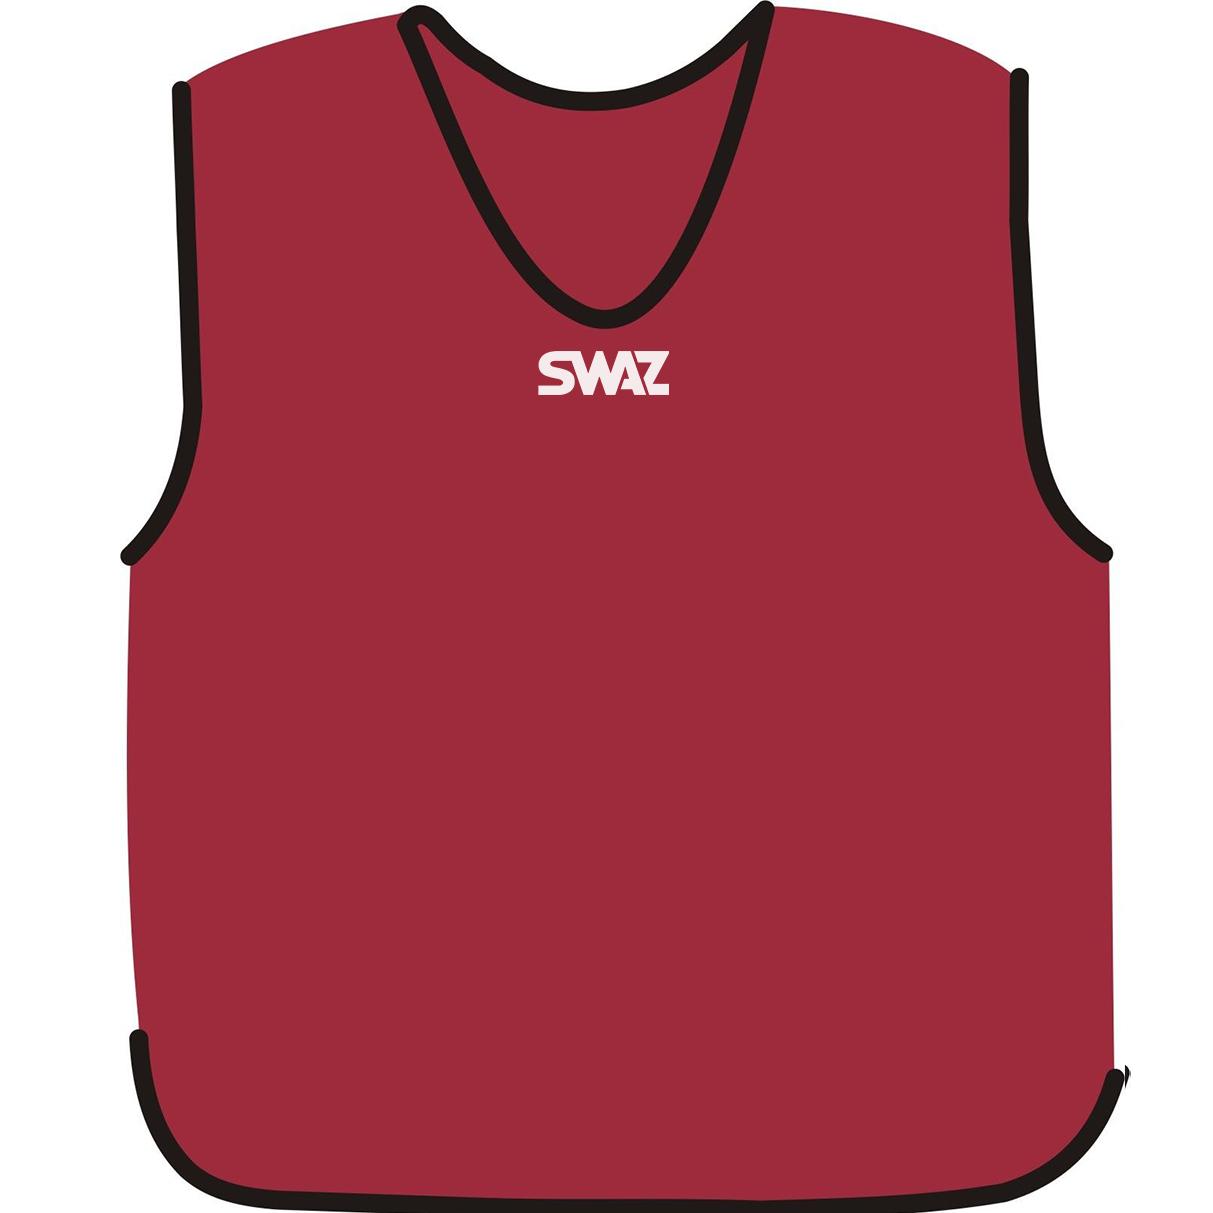 15 SWAZ Training Bibs – Cherry